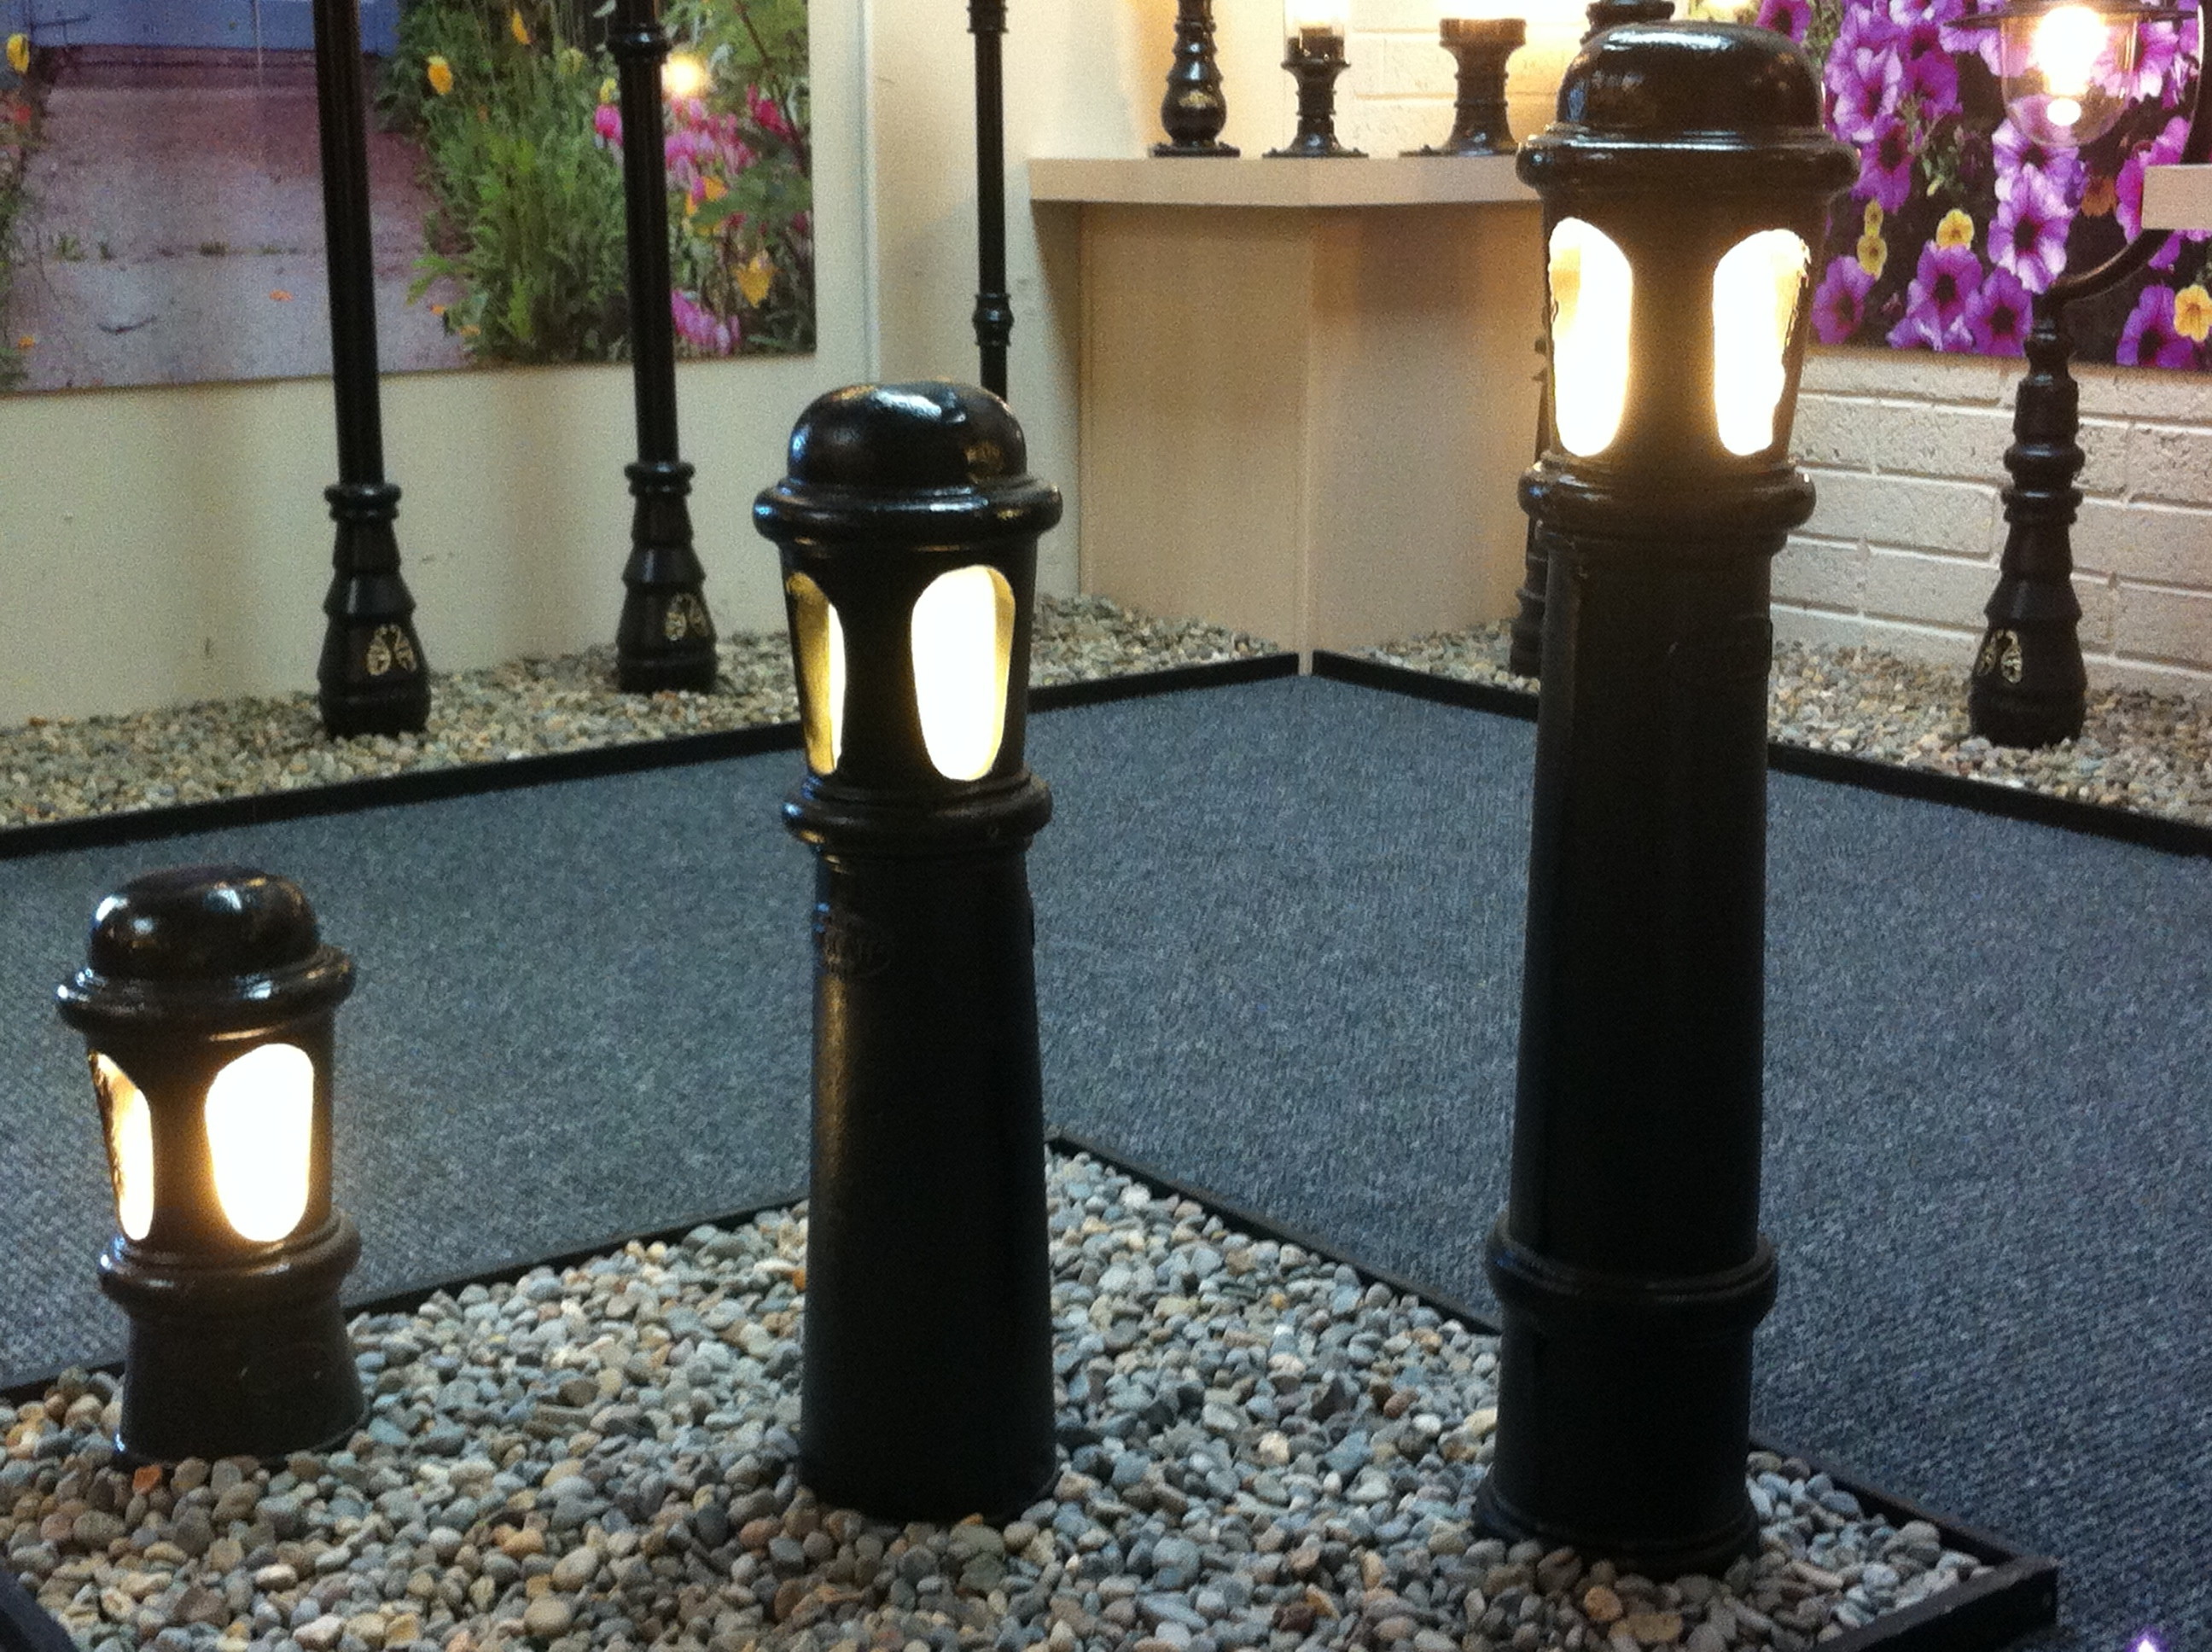 Entertainment : Outdoor Lighting Perspectives Ireland Living Spaces Regarding Most Recent Ireland Outdoor Lighting (Gallery 2 of 20)